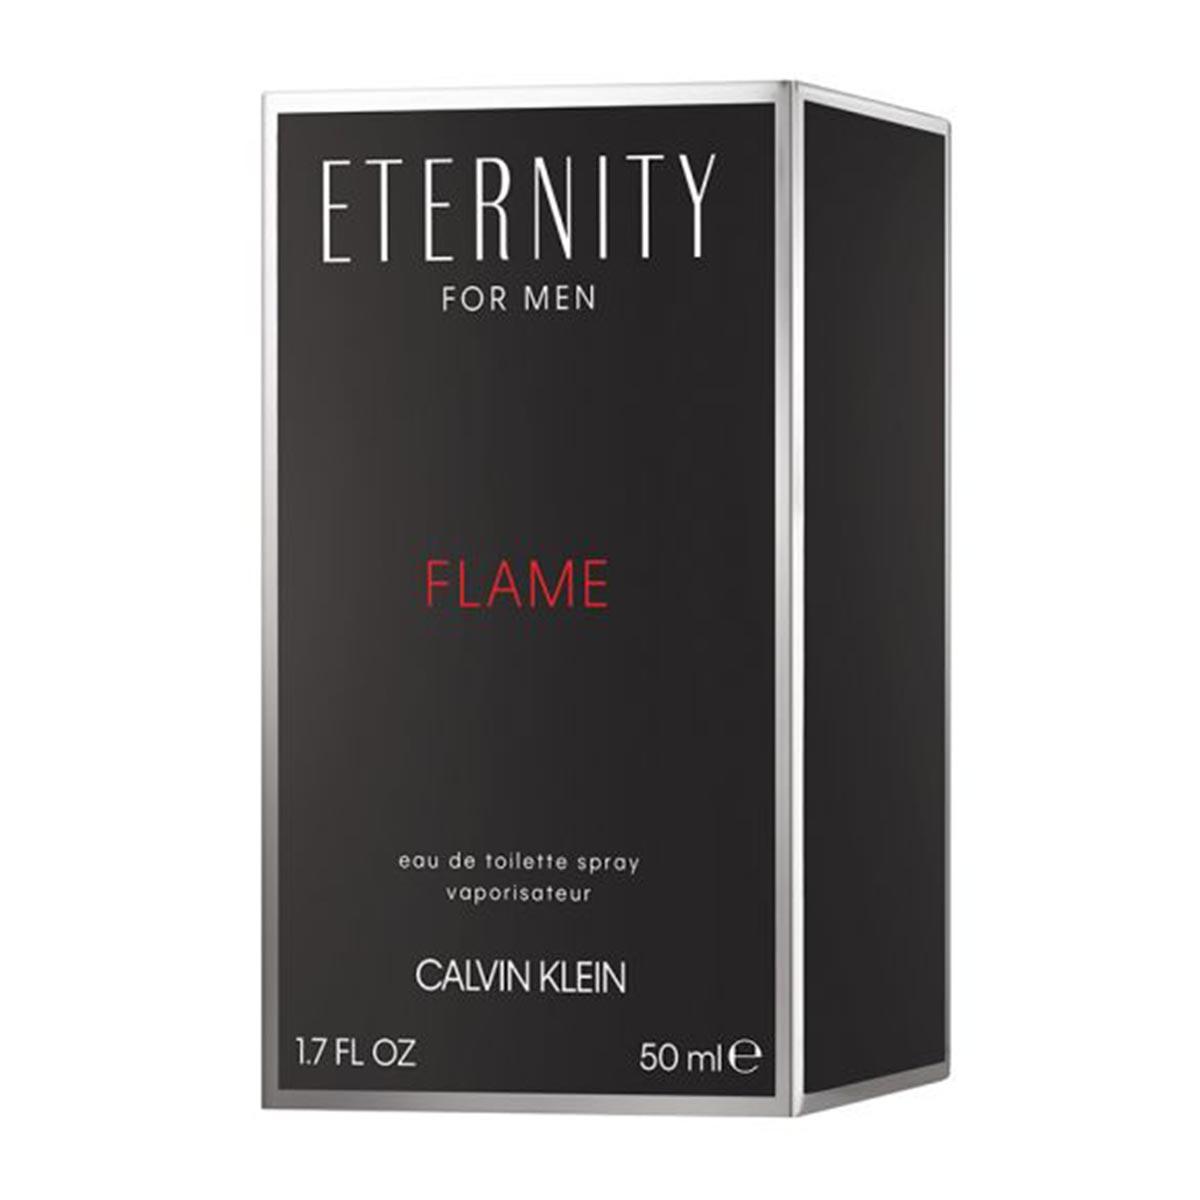 Calvin klein eternity for men flame eau de toilette 50ml vaporizador